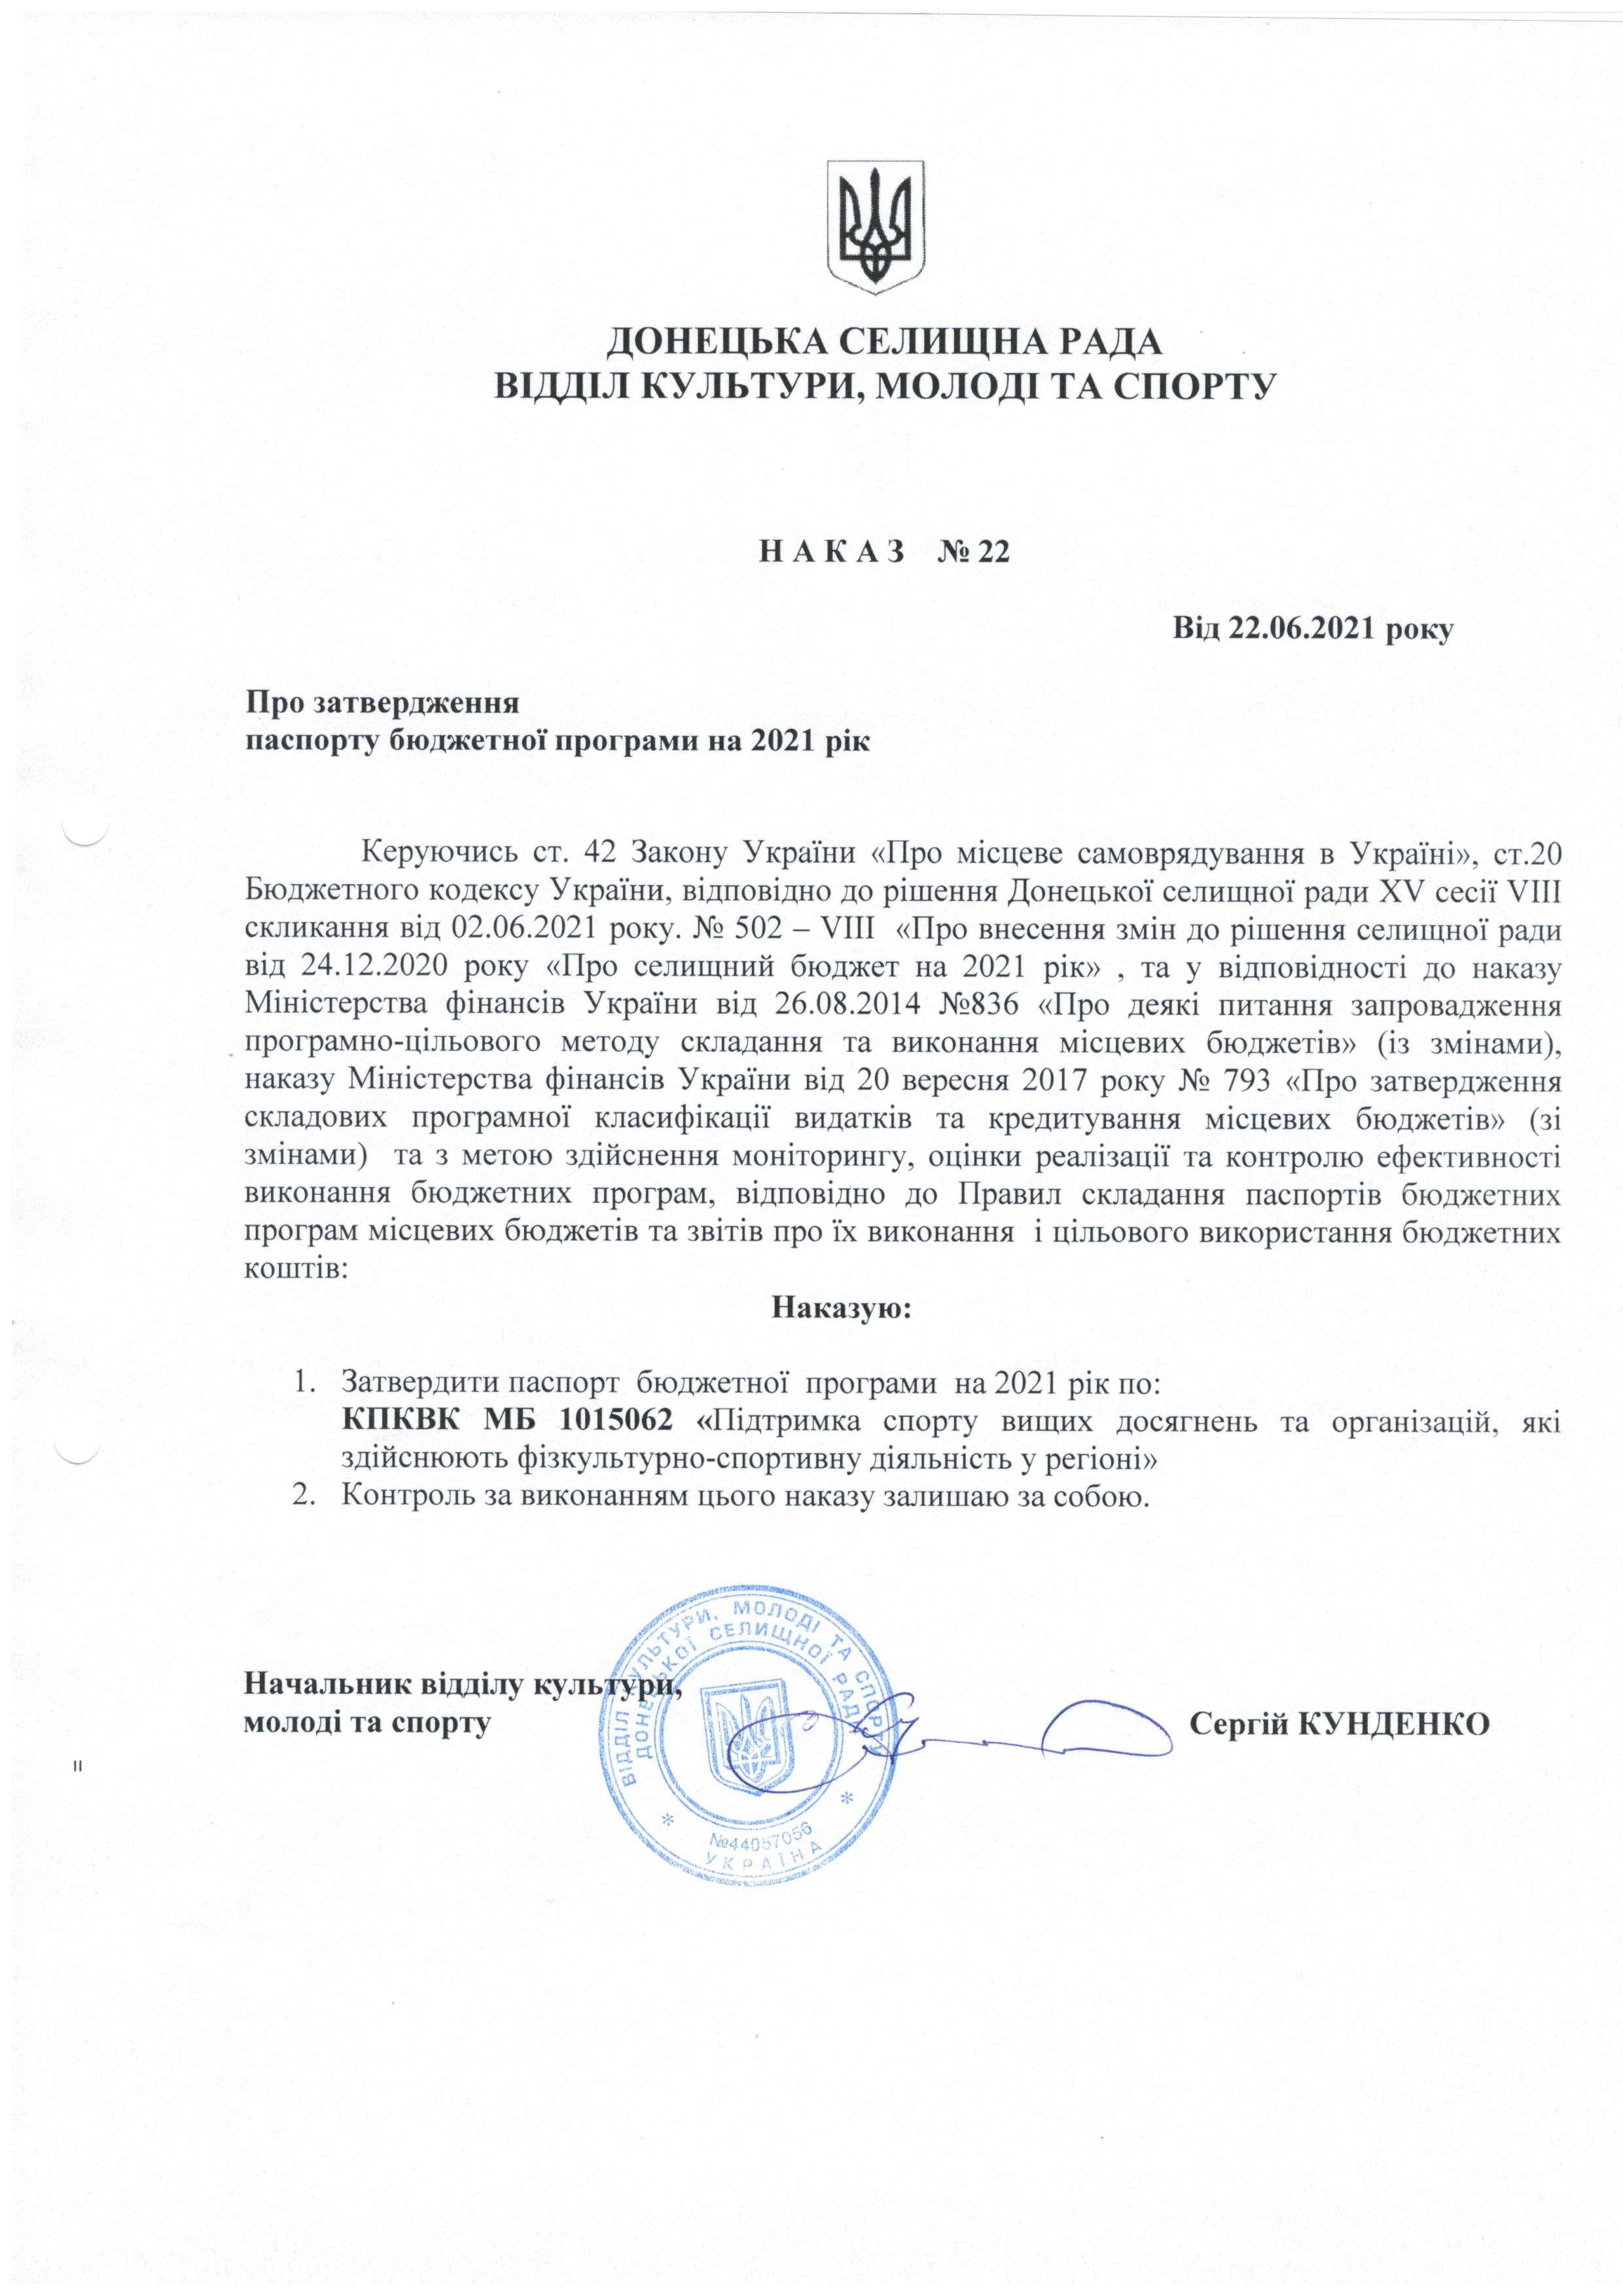 Наказ №22 Про затвердження паспорту бюджетної програми на 2021 рік та Паспорт